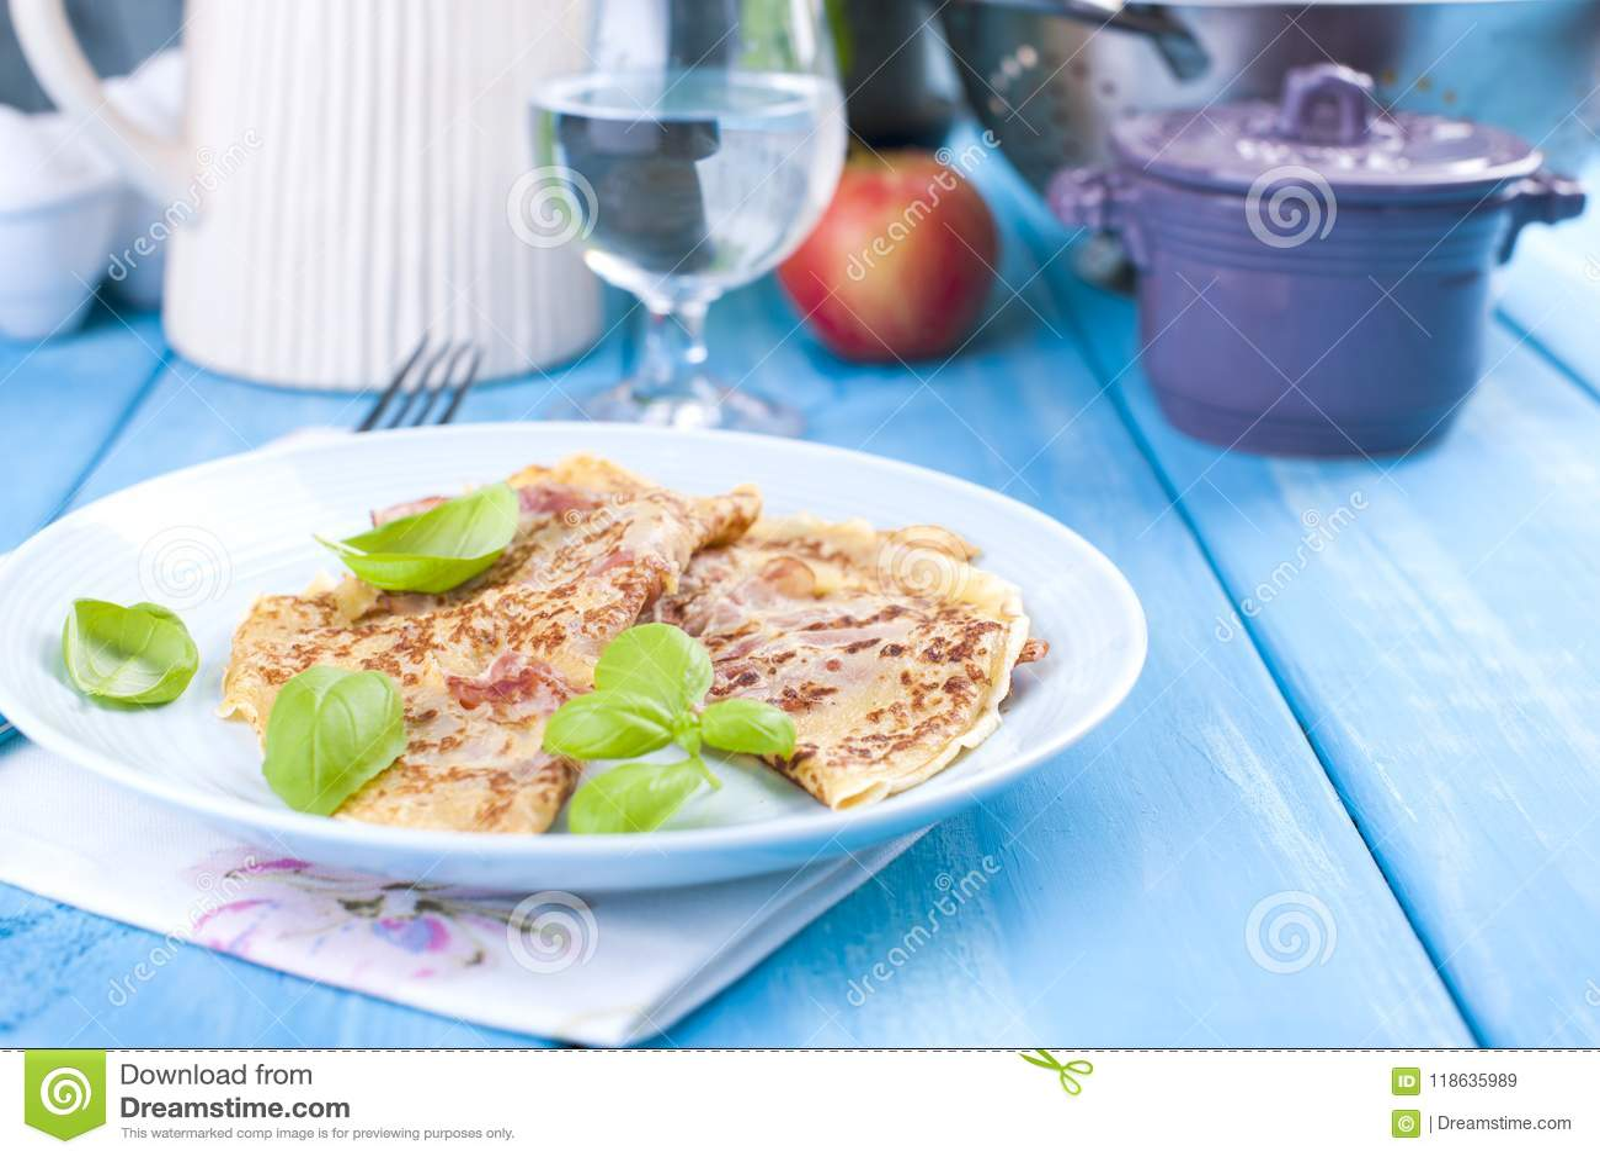 Holenderscy bliny z baleronem dla śniadaniowych Jaskrawych kolorów, błękitny tło Smakowity i caloric szklankę wody Uwalnia przest